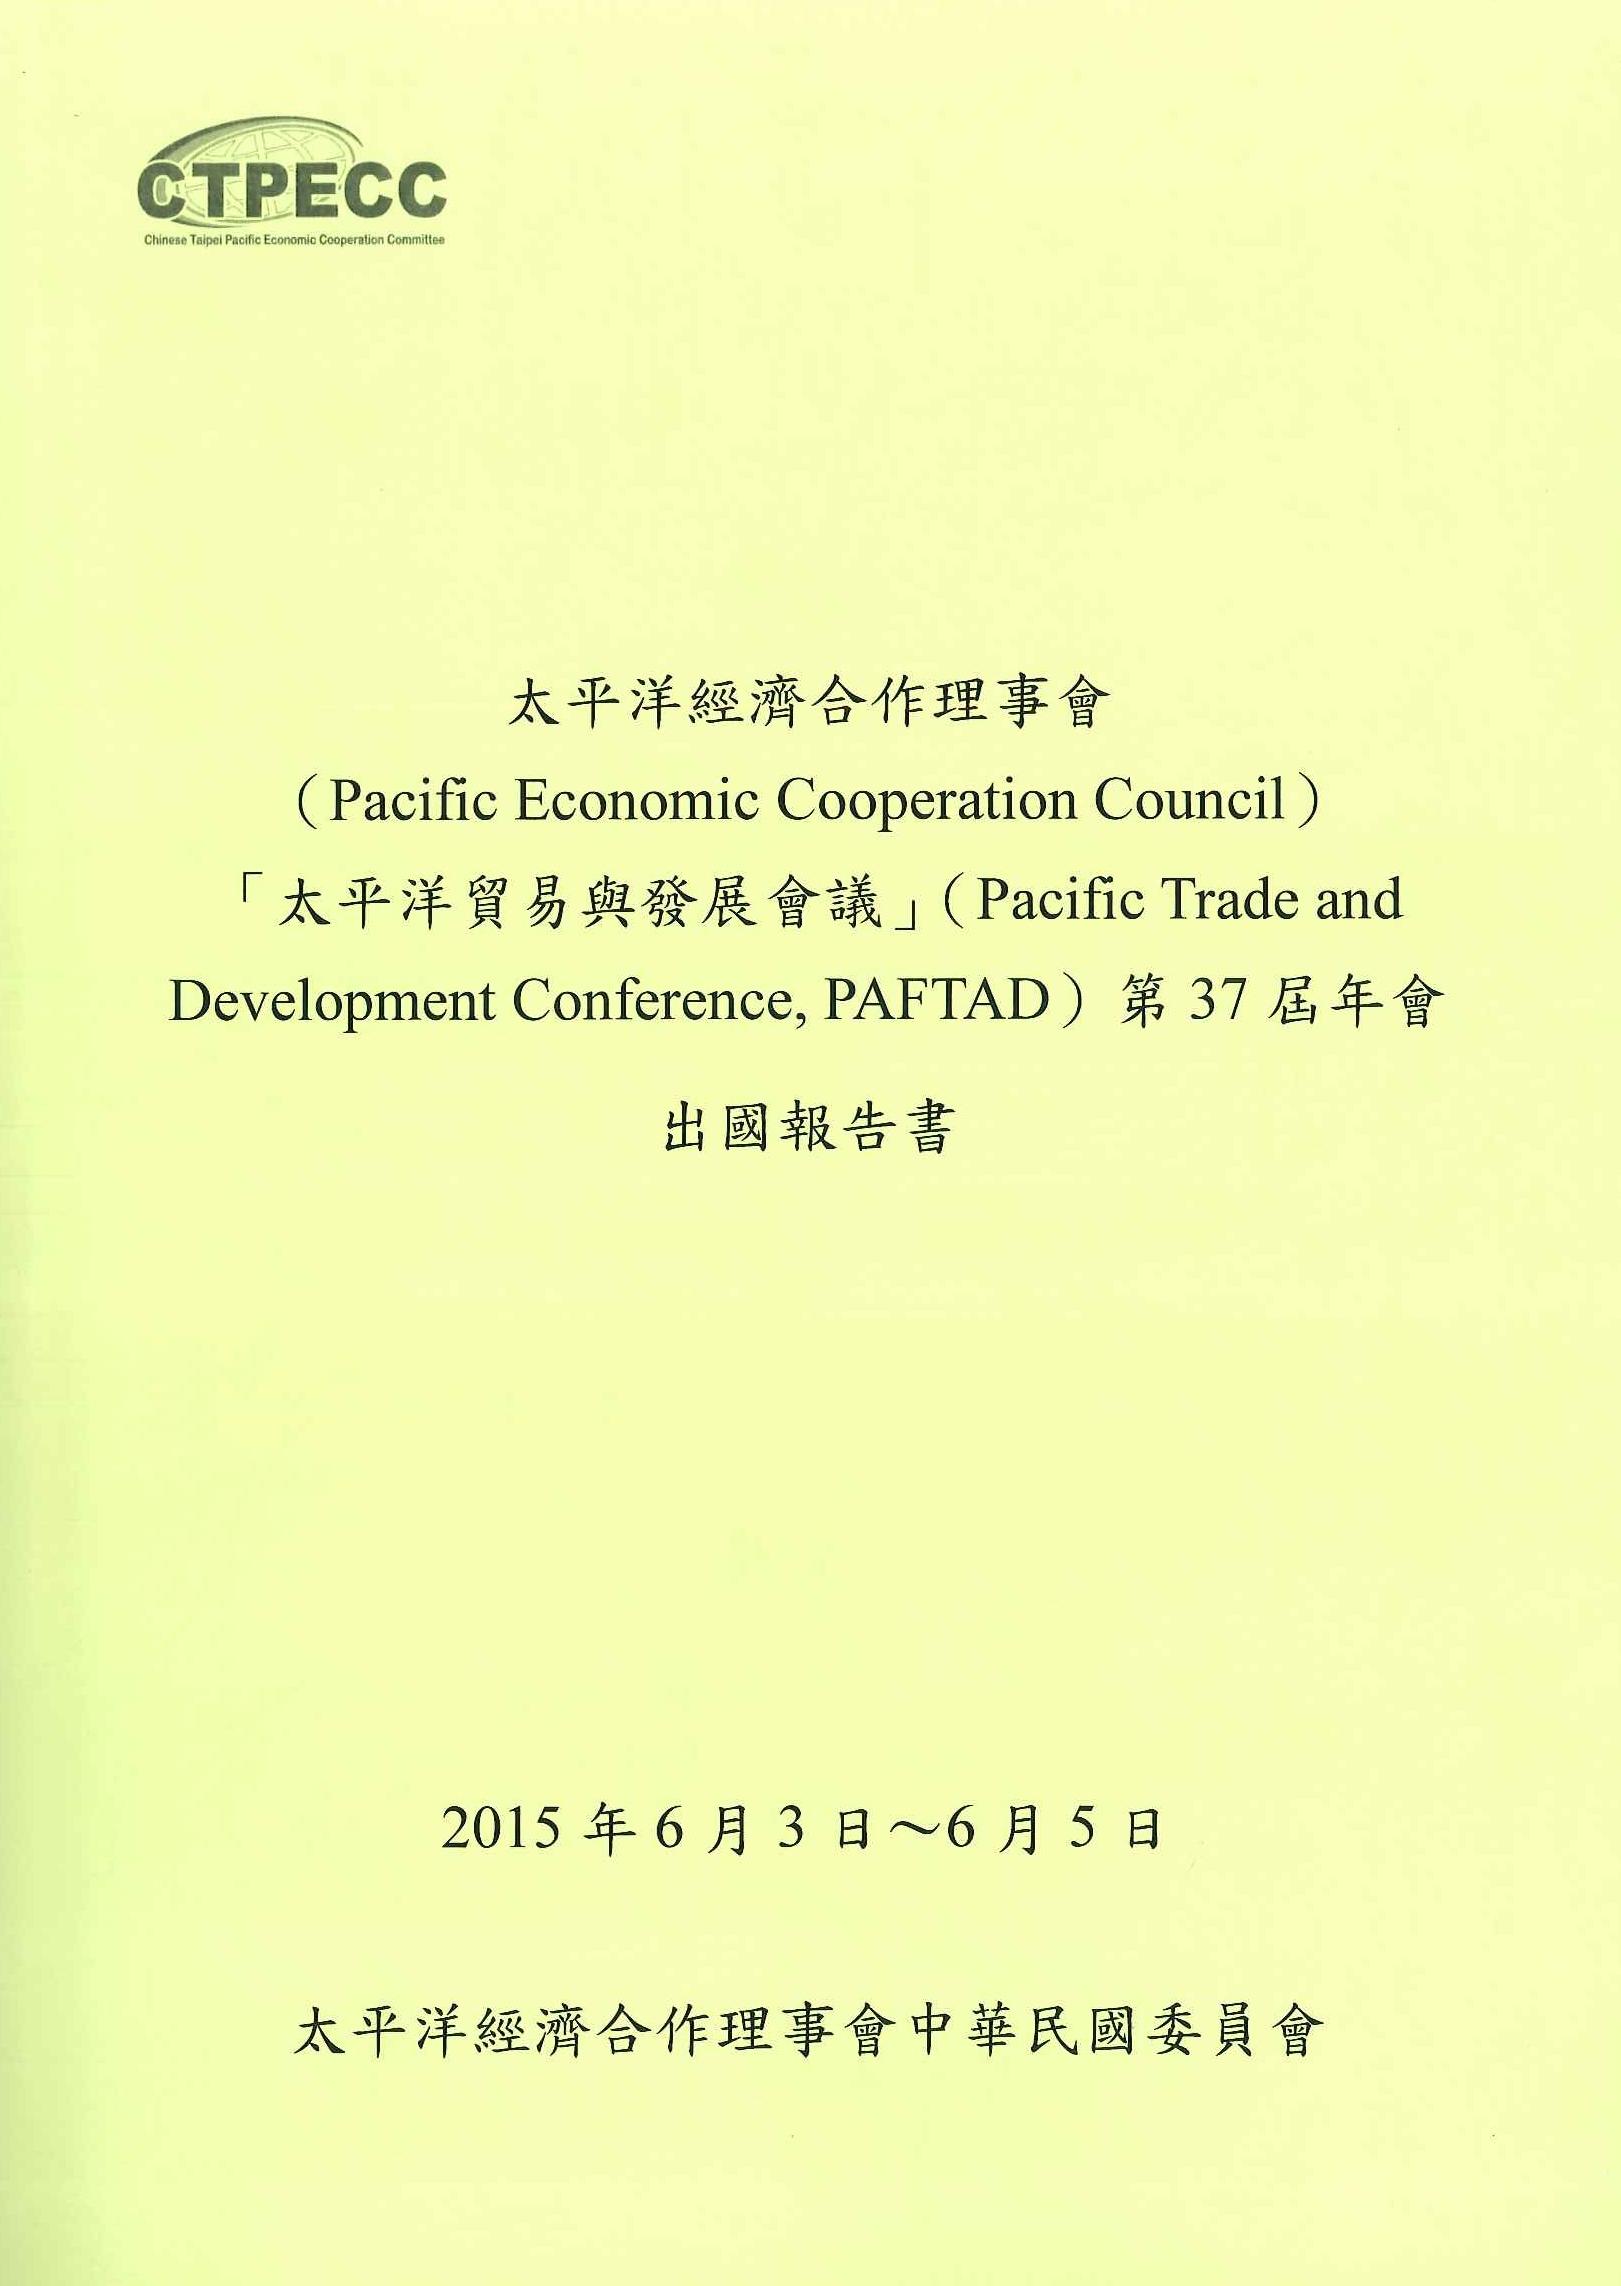 太平經濟合作理事會「太平洋貿易與發展會議」第37屆年會出國報告書